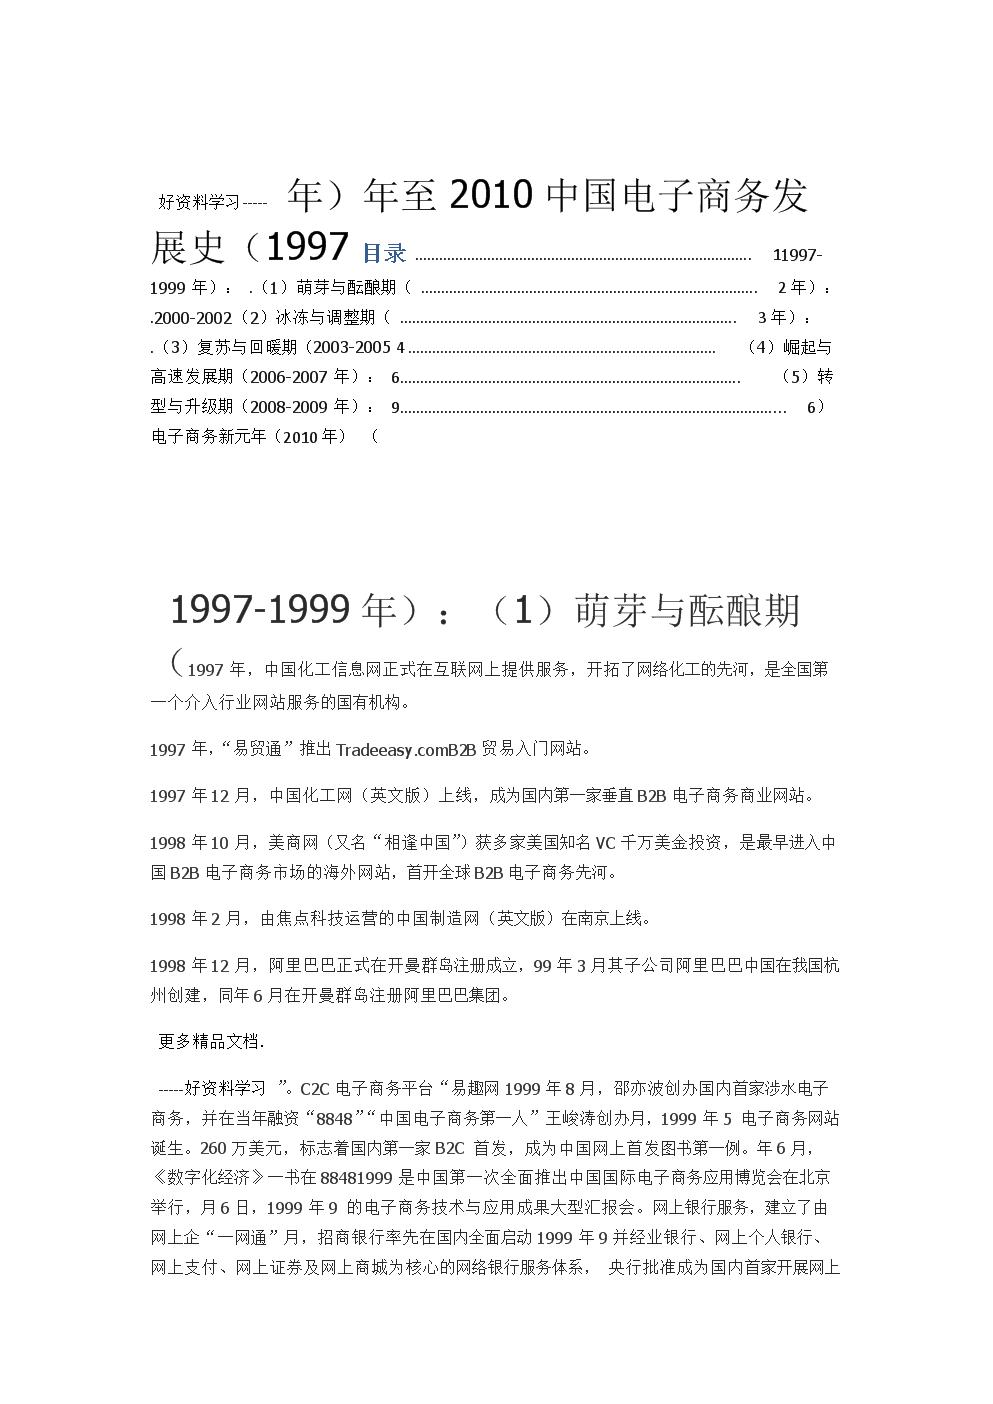 最新中國電子商務發展史最完整整理-全解.doc